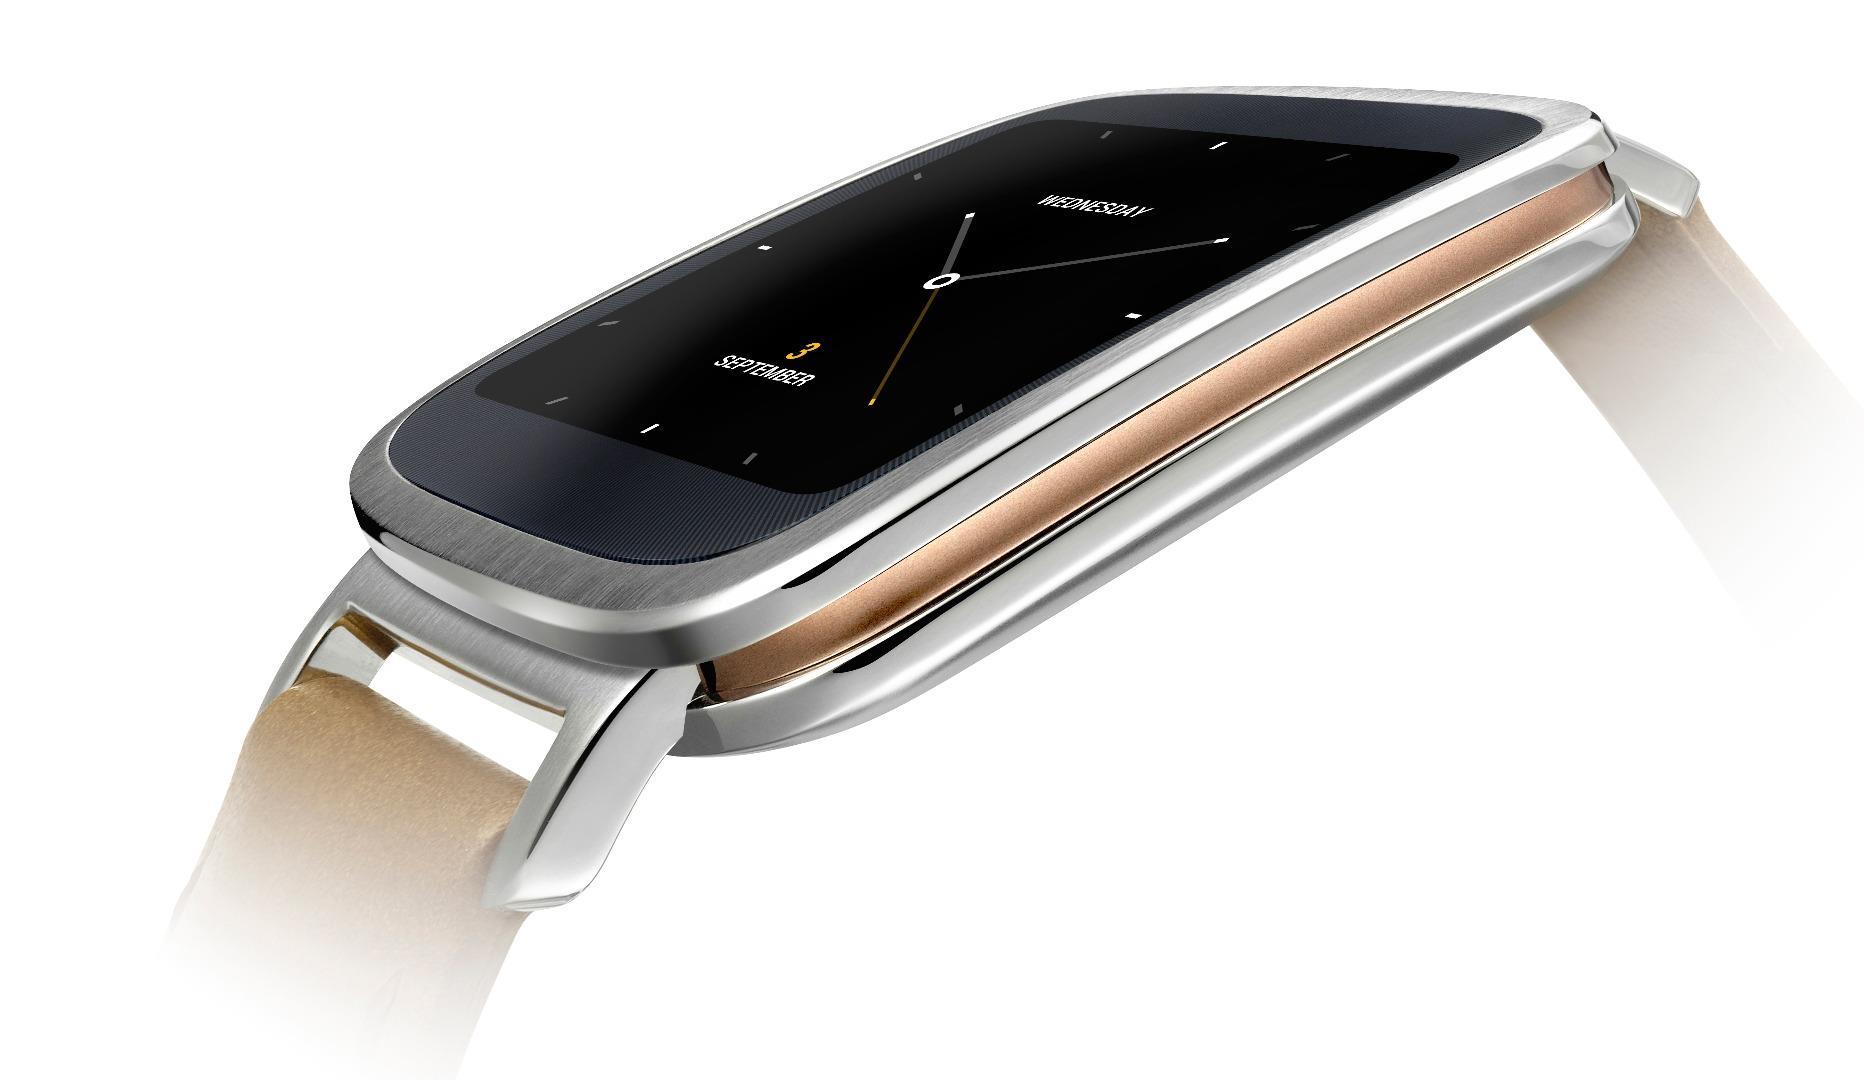 L'Asus ZenWatch sera disponible en France «pour Noël» à 229 euros